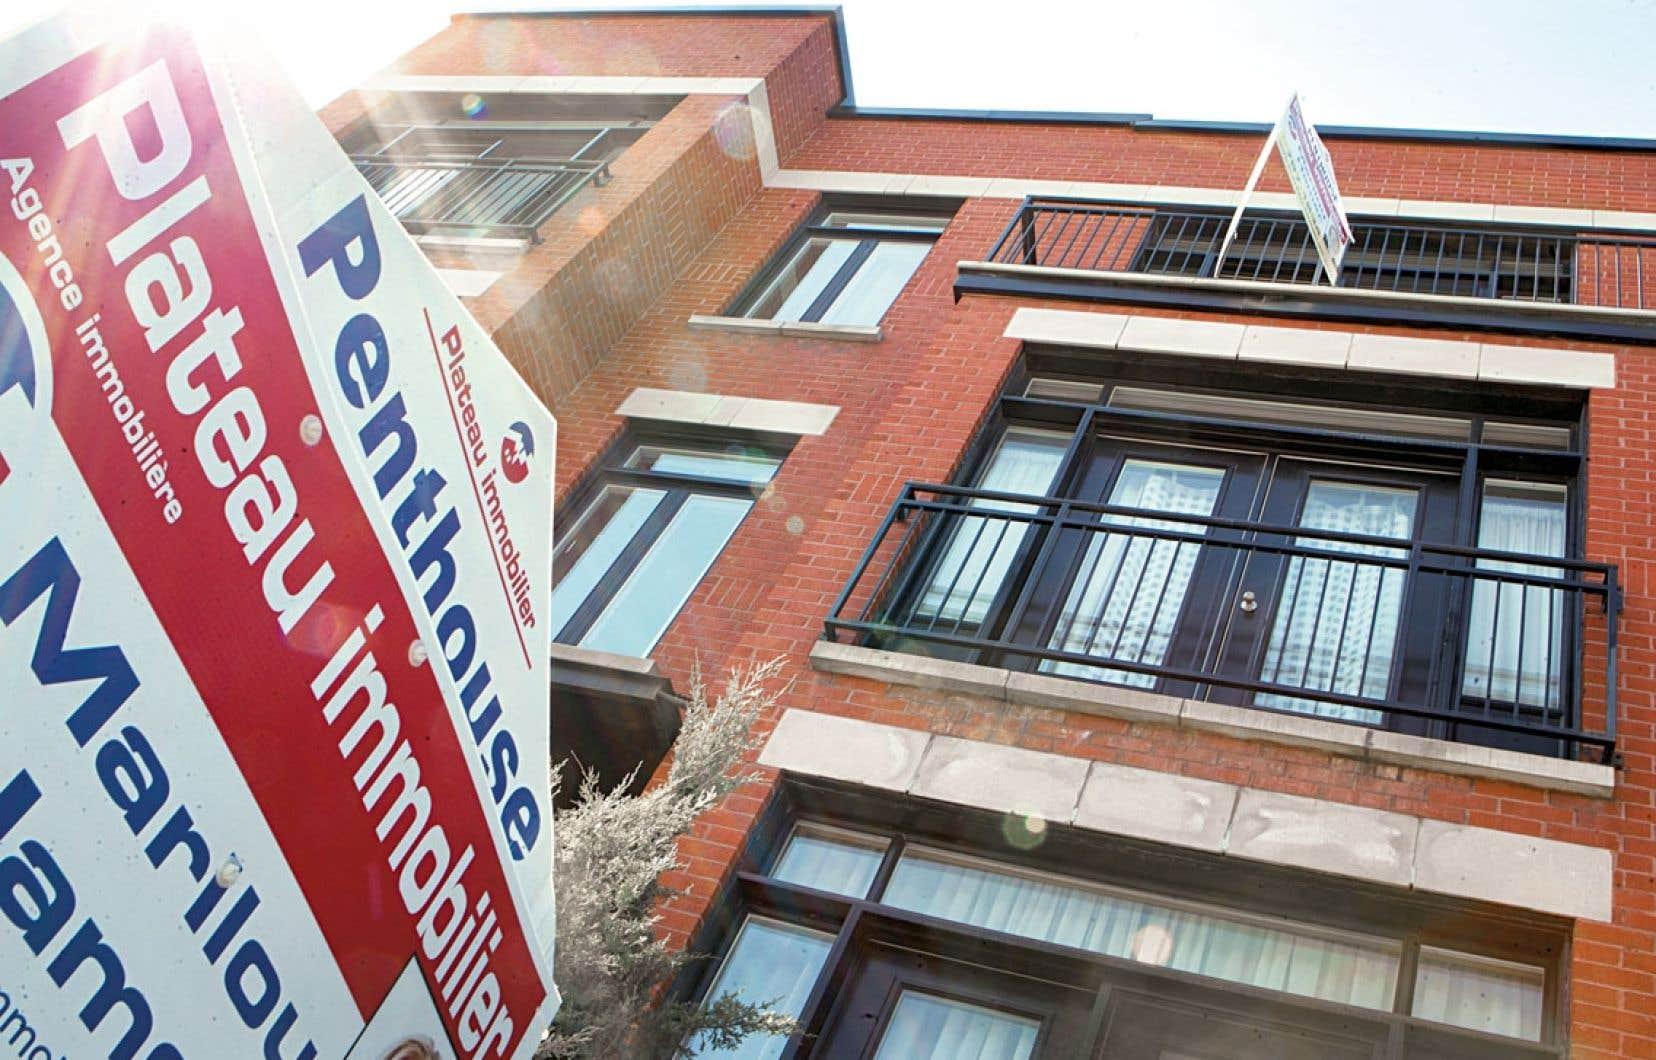 L'activité immobilière se fait moins intense et les prix des logements se sont stabilisés.